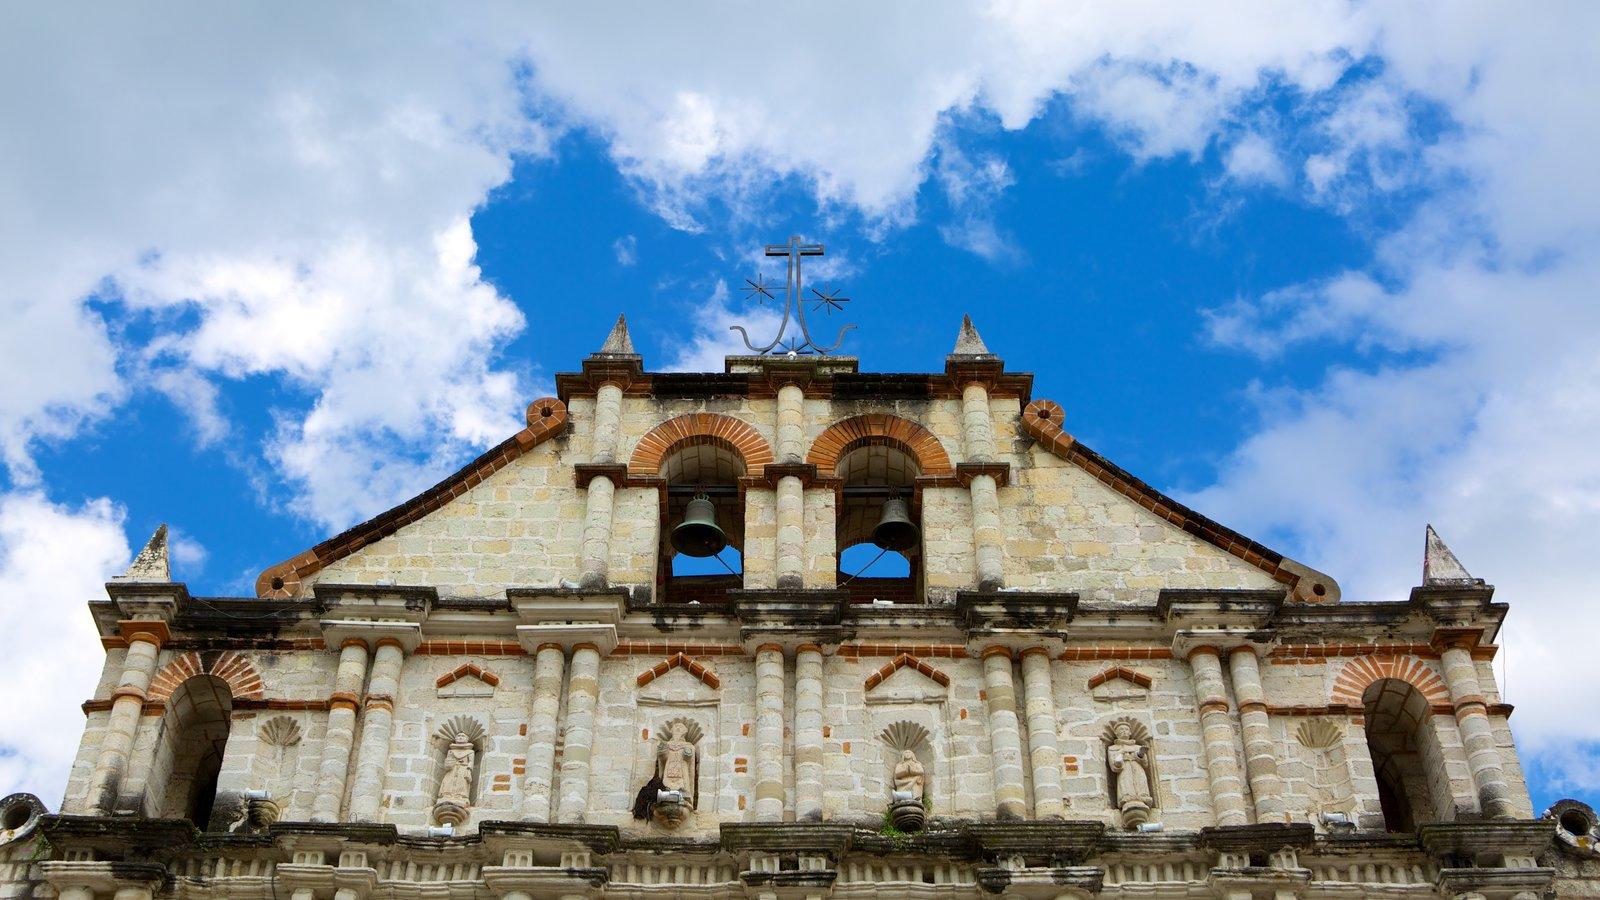 Igreja de São Francisco caracterizando elementos religiosos, arquitetura de patrimônio e uma igreja ou catedral